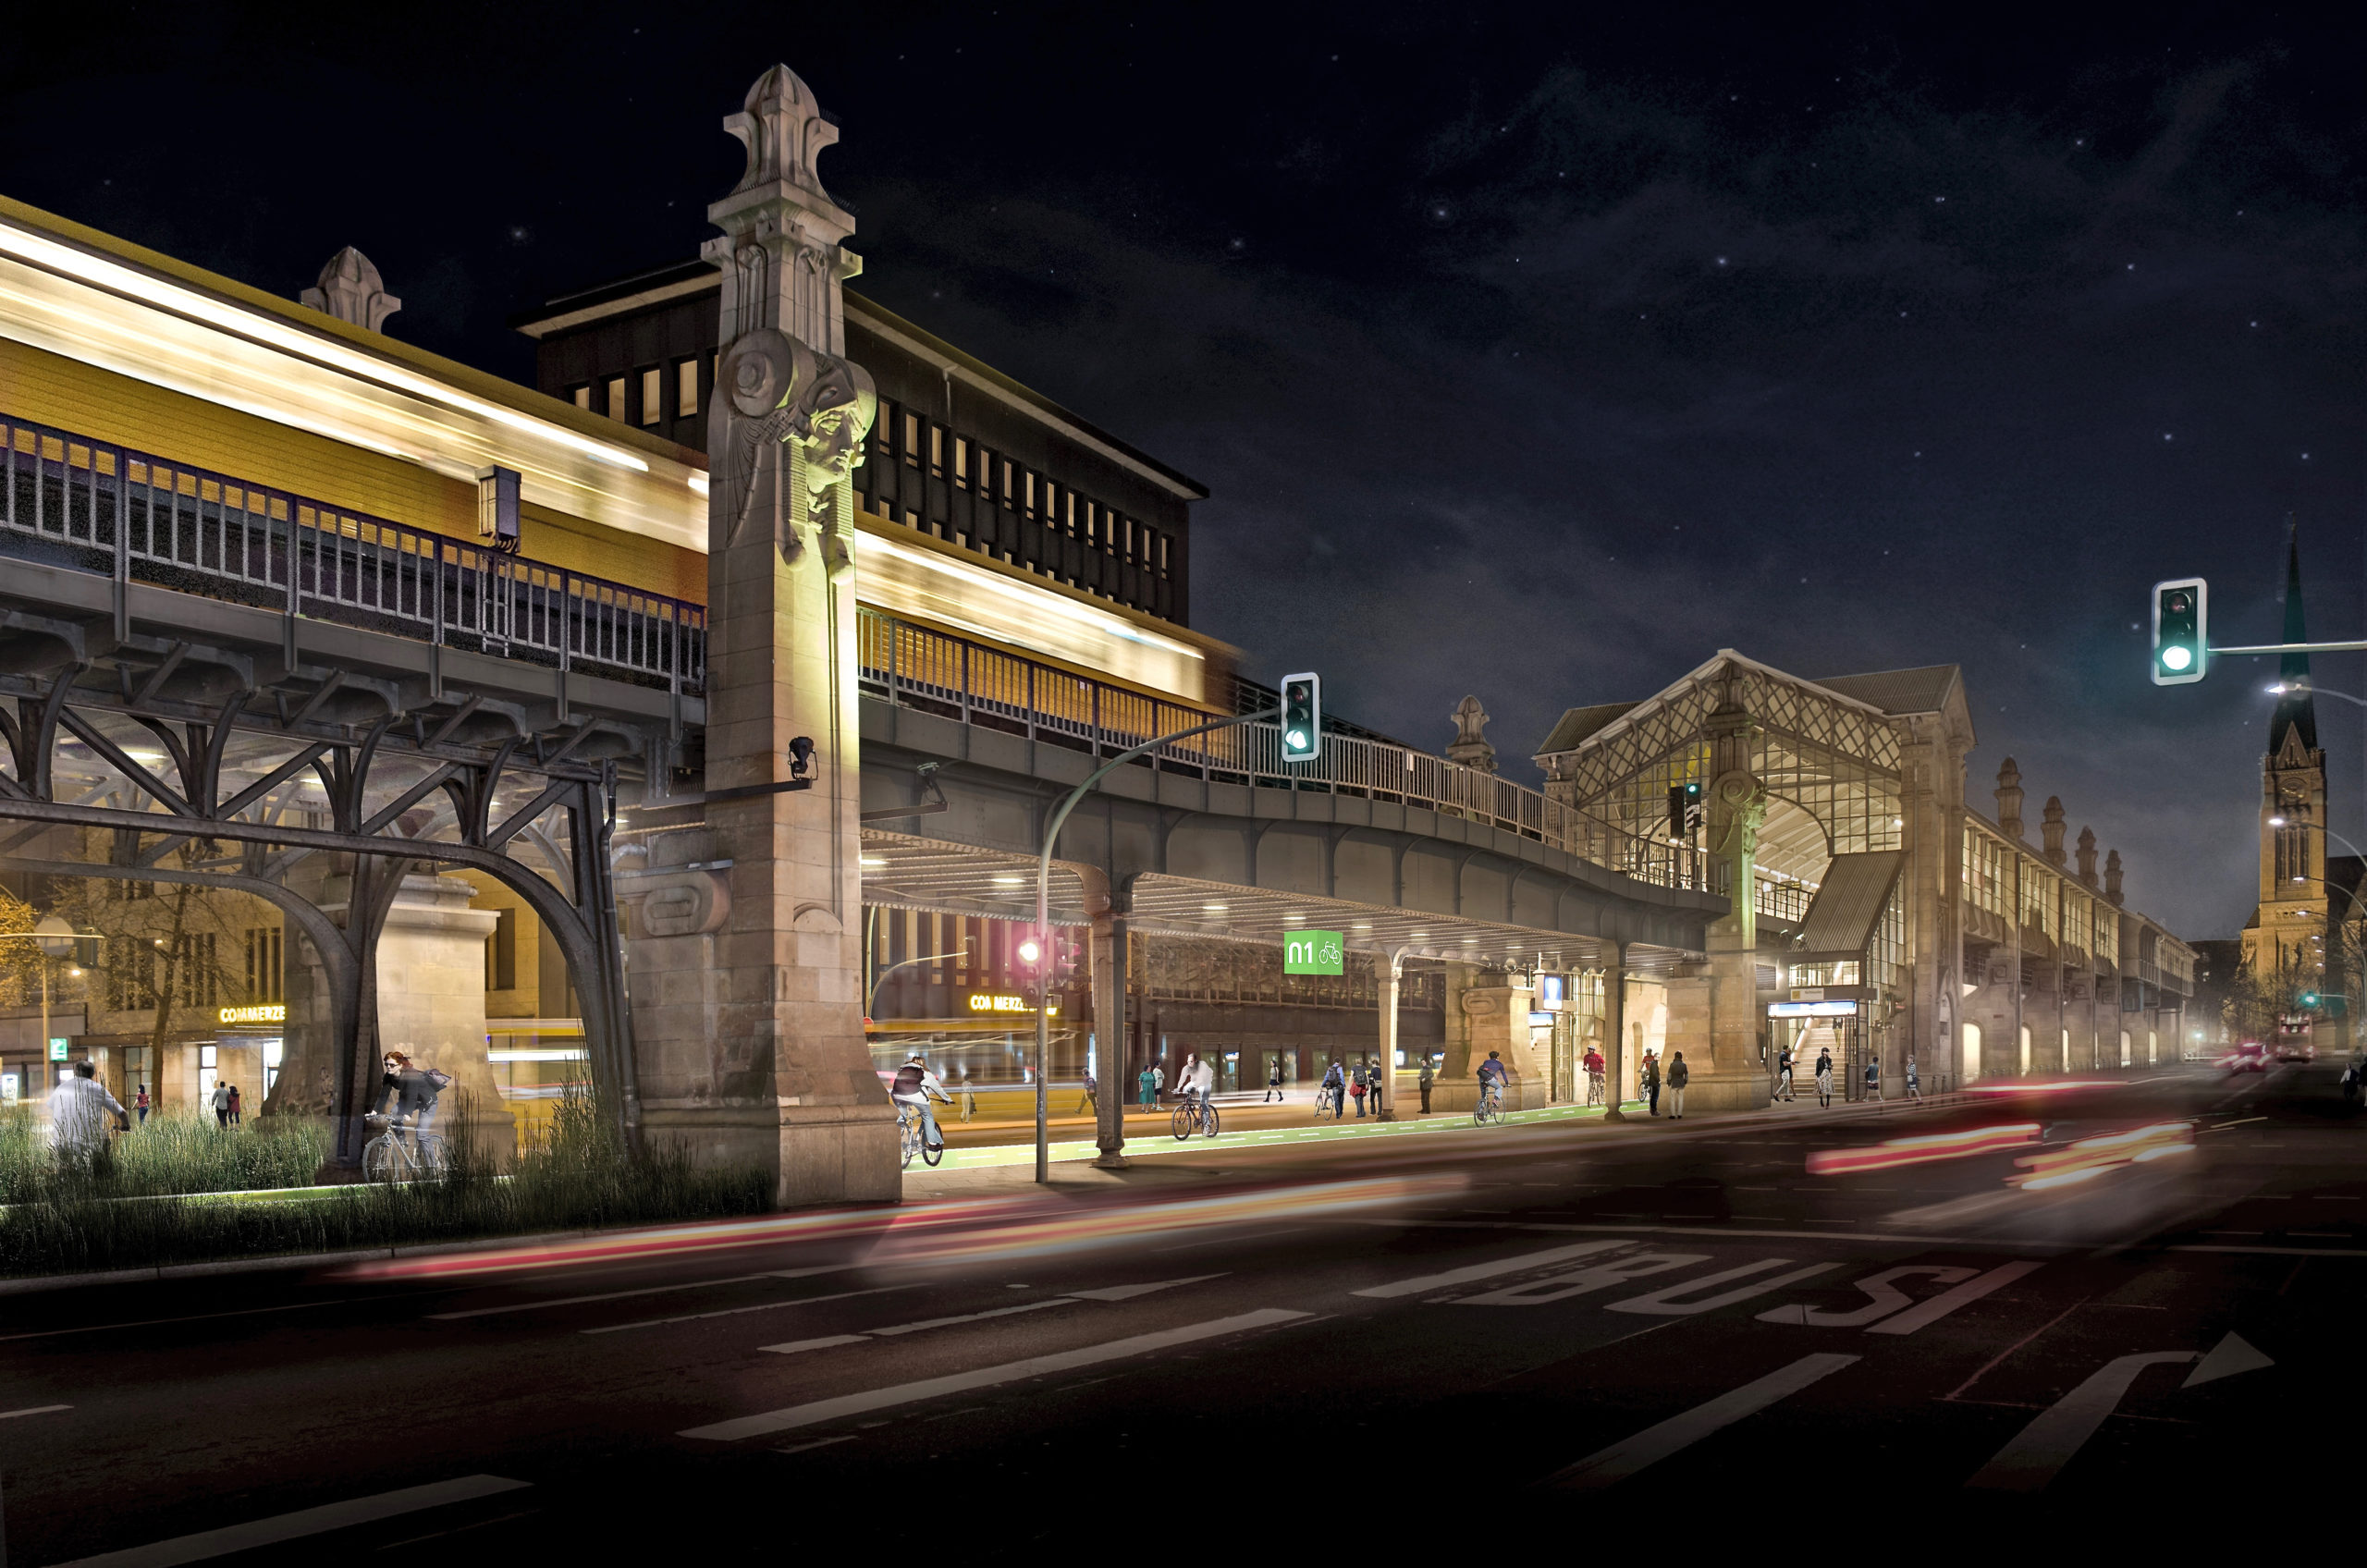 Leuchtturmprojekt der Verkehrswende: Die Simulation zeigt Radbahn-Pläne unter der U-Bahn. Fotomontage: Paper Planes e.V.